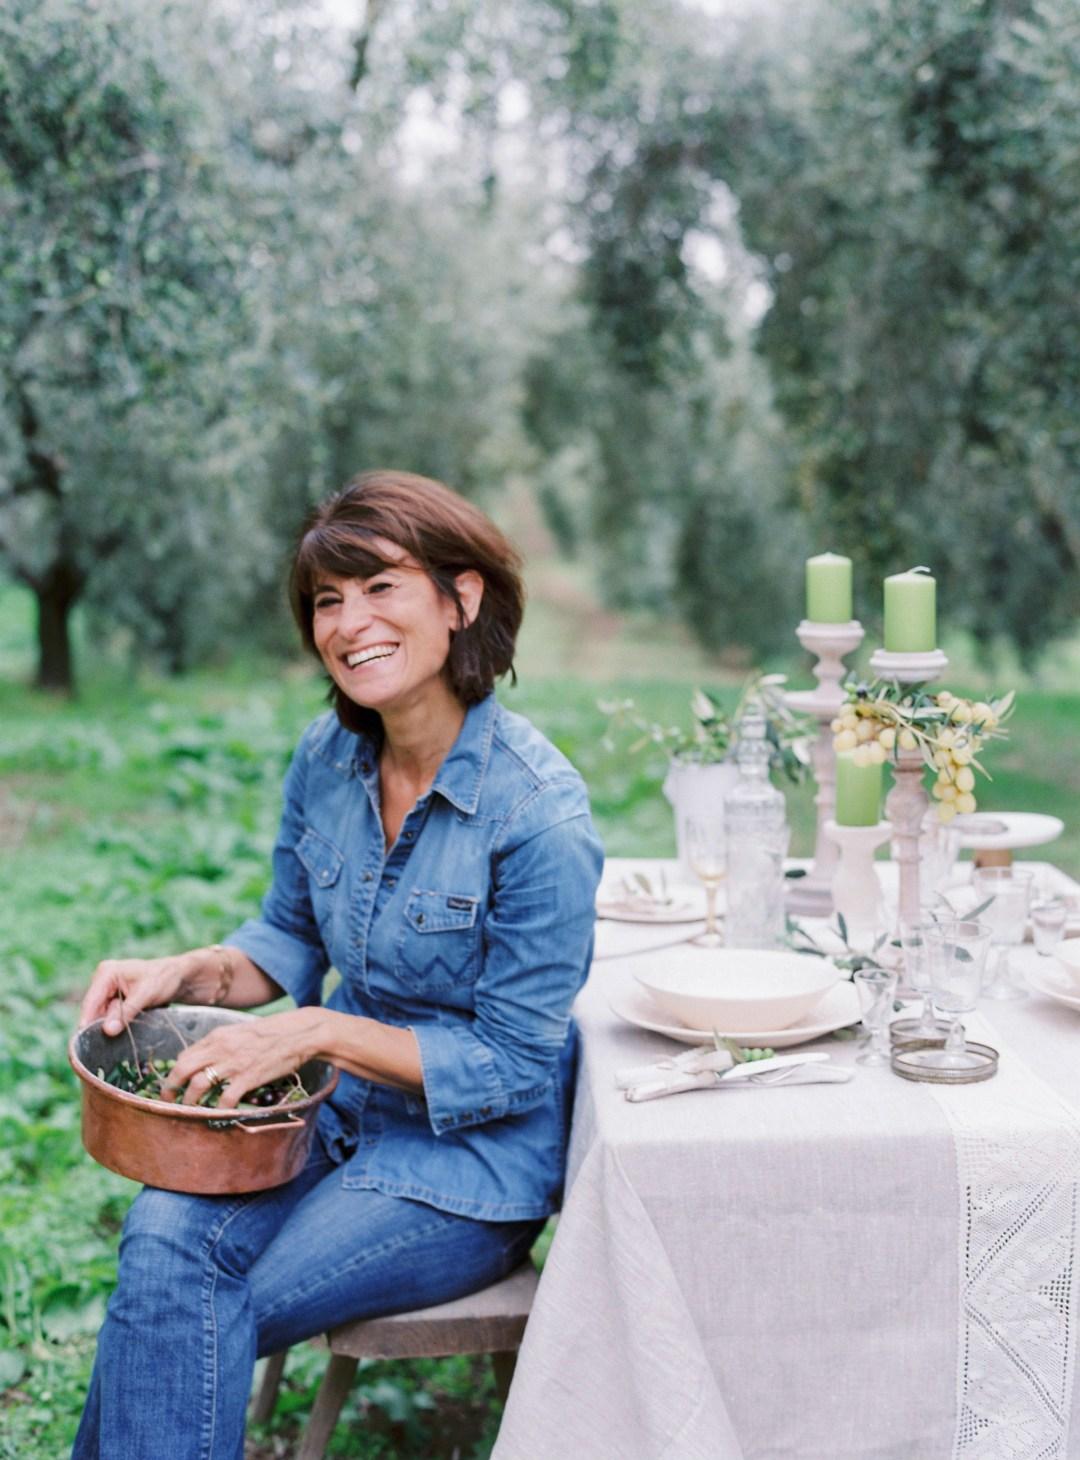 Marina Gioacchini, productrice des huiles Le Amantine, à Tuscania, dans le Latium (région de Rome).